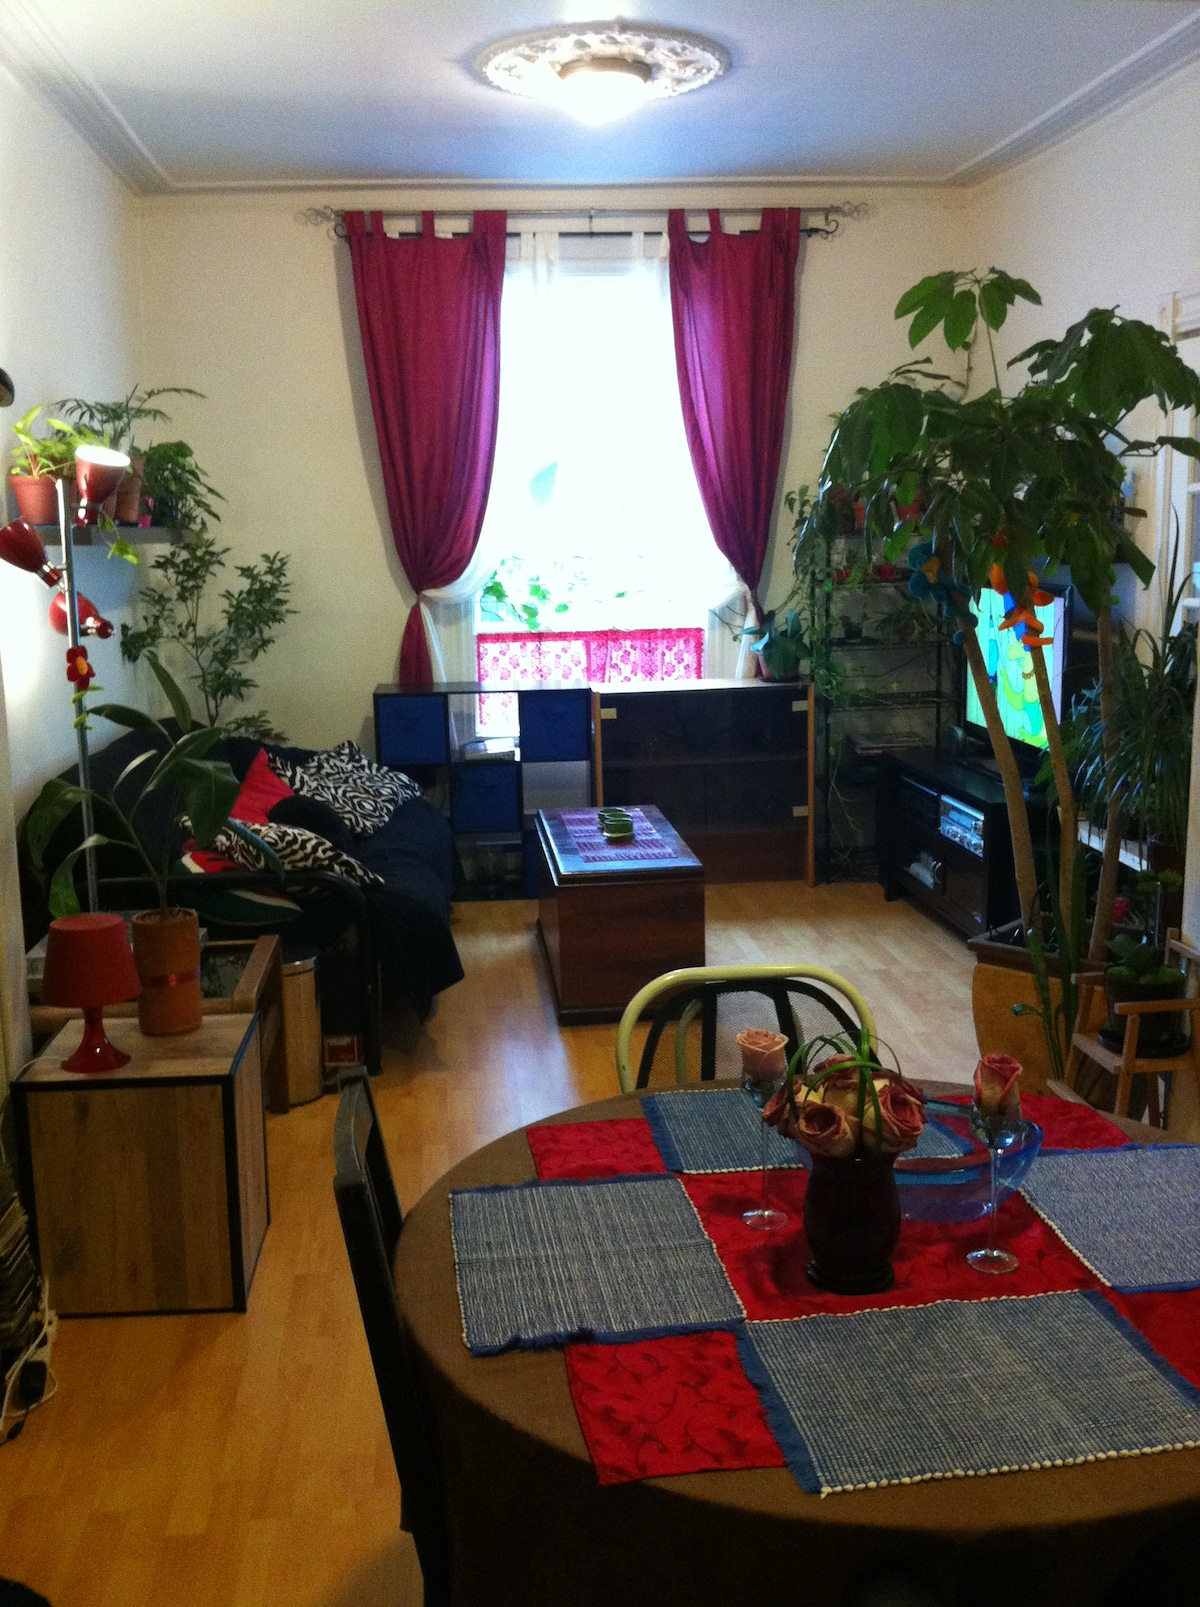 The living room and dining room: a place where life is good - Le salon et la salle à manger: un lieu où il fait bon vivre